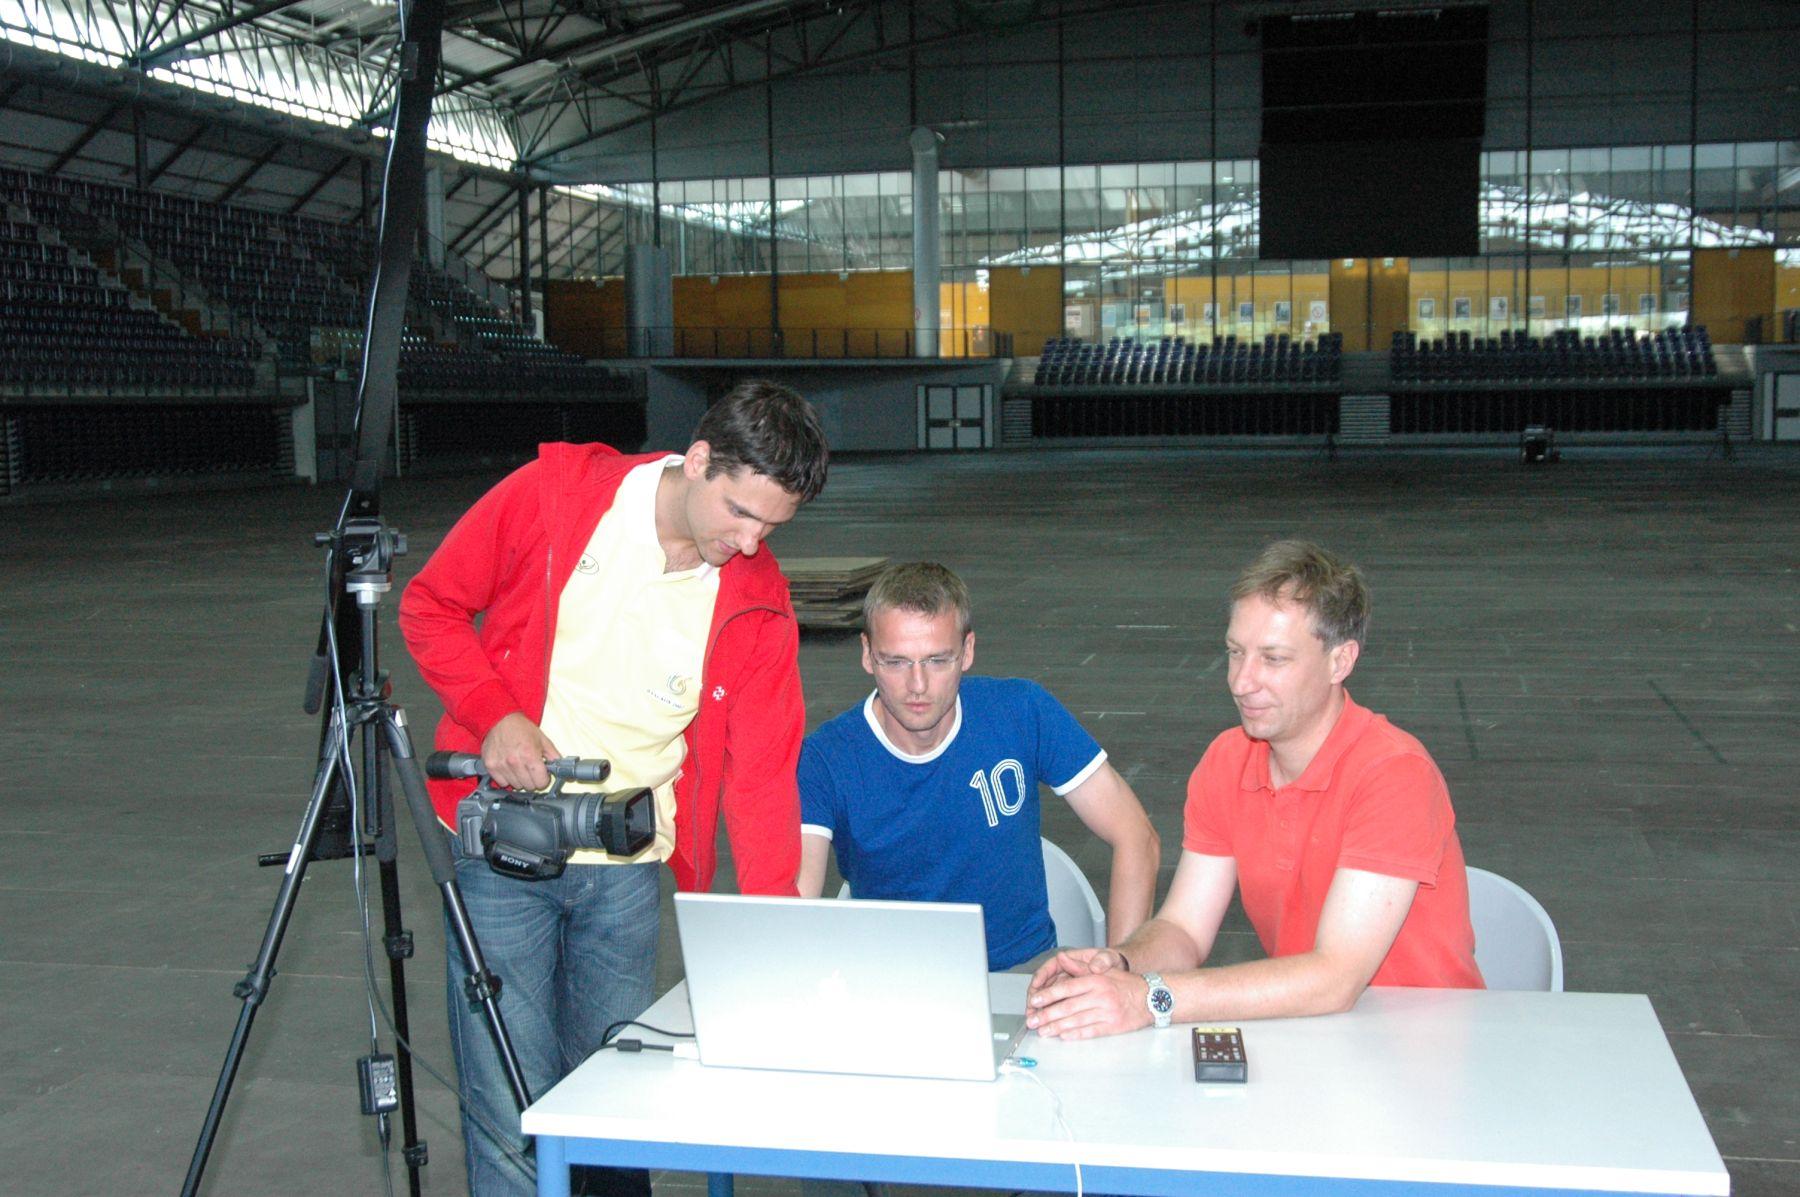 ARTOS 2004 - ENTWICKLUNG VON NETZWERK- UND ANALYTIKPROGRAMMEN